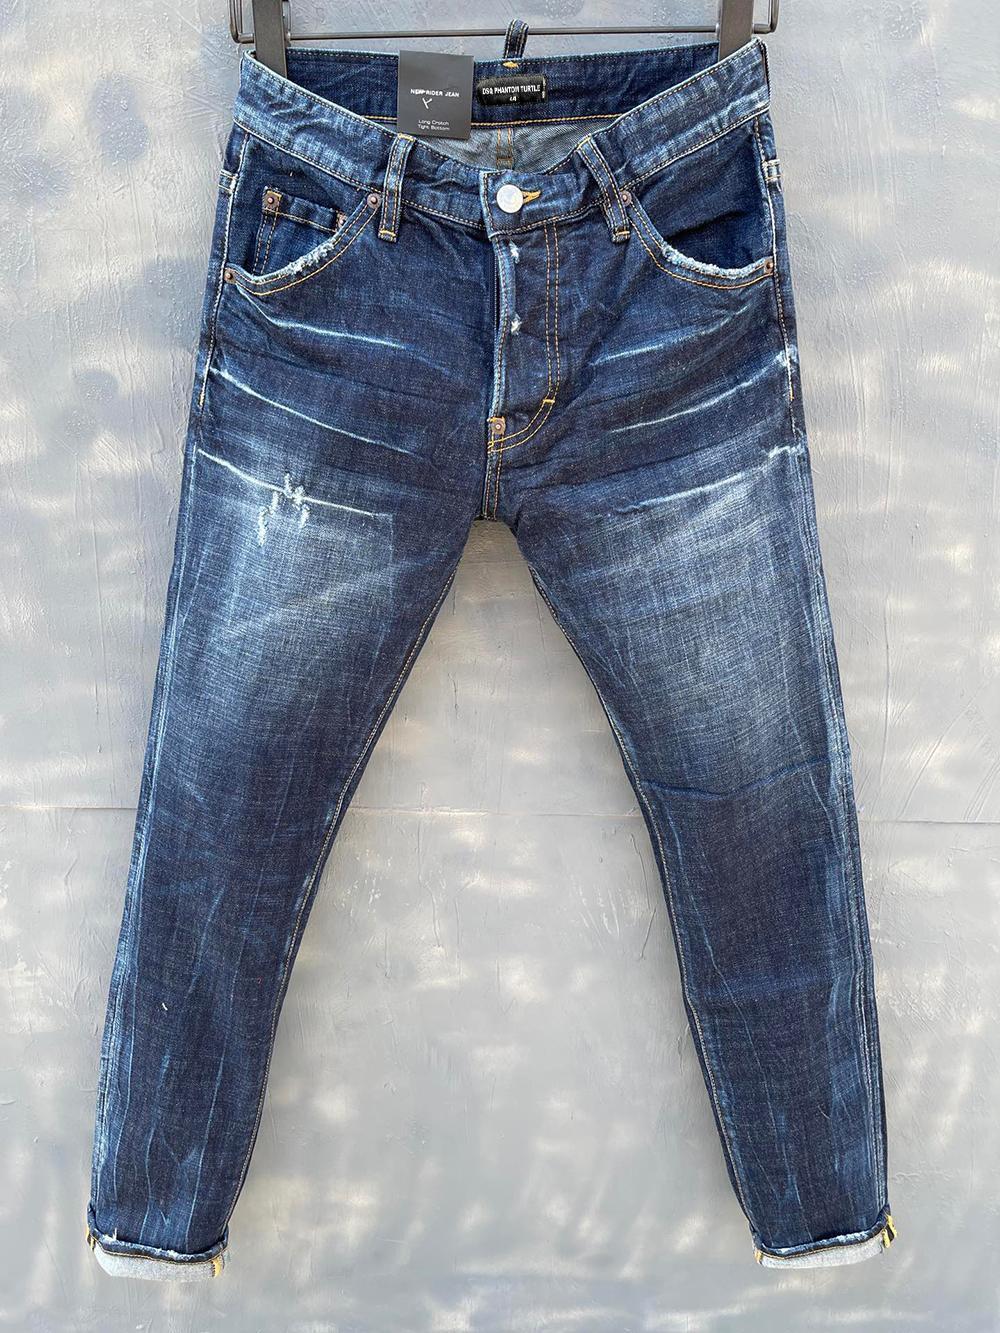 DSQ Phantom Tortue Classic Fashion Homme Jeans Hip Hop Rock Moto Mens Casual Design Décontracté Jeans Détresse Skinny Denim Biker DSQ Jeans 1050